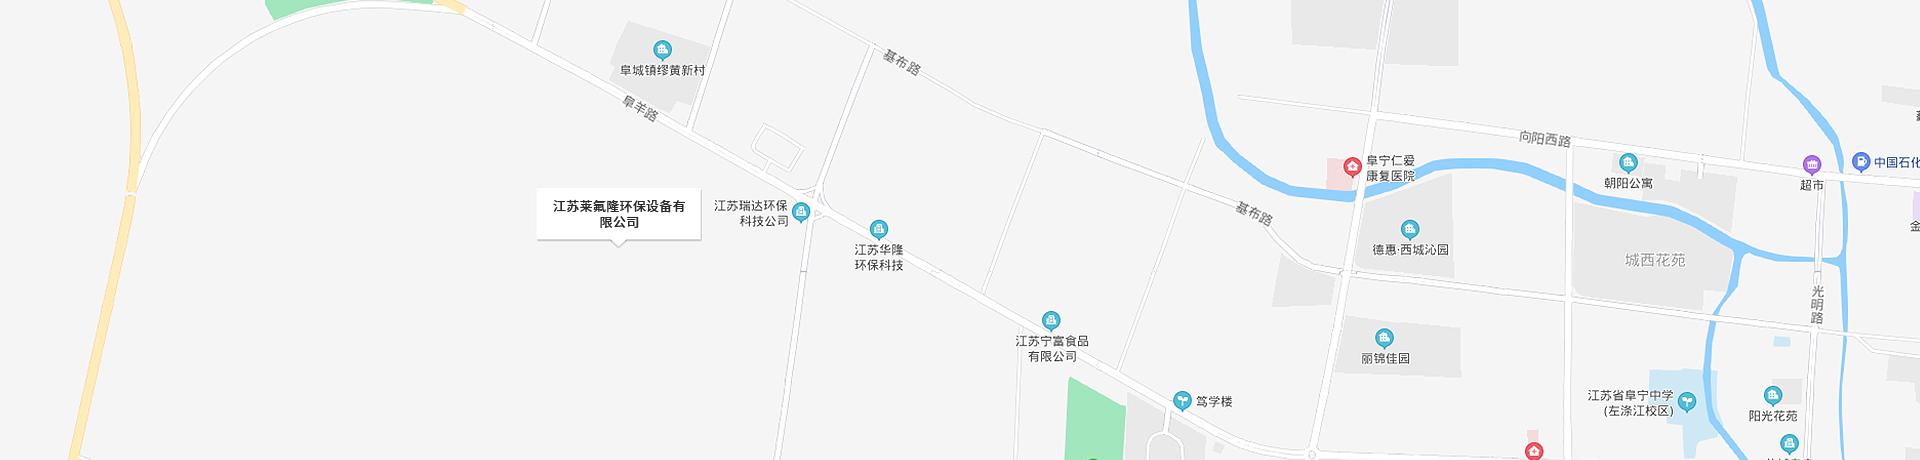 江苏莱氟隆环保设备有限公司